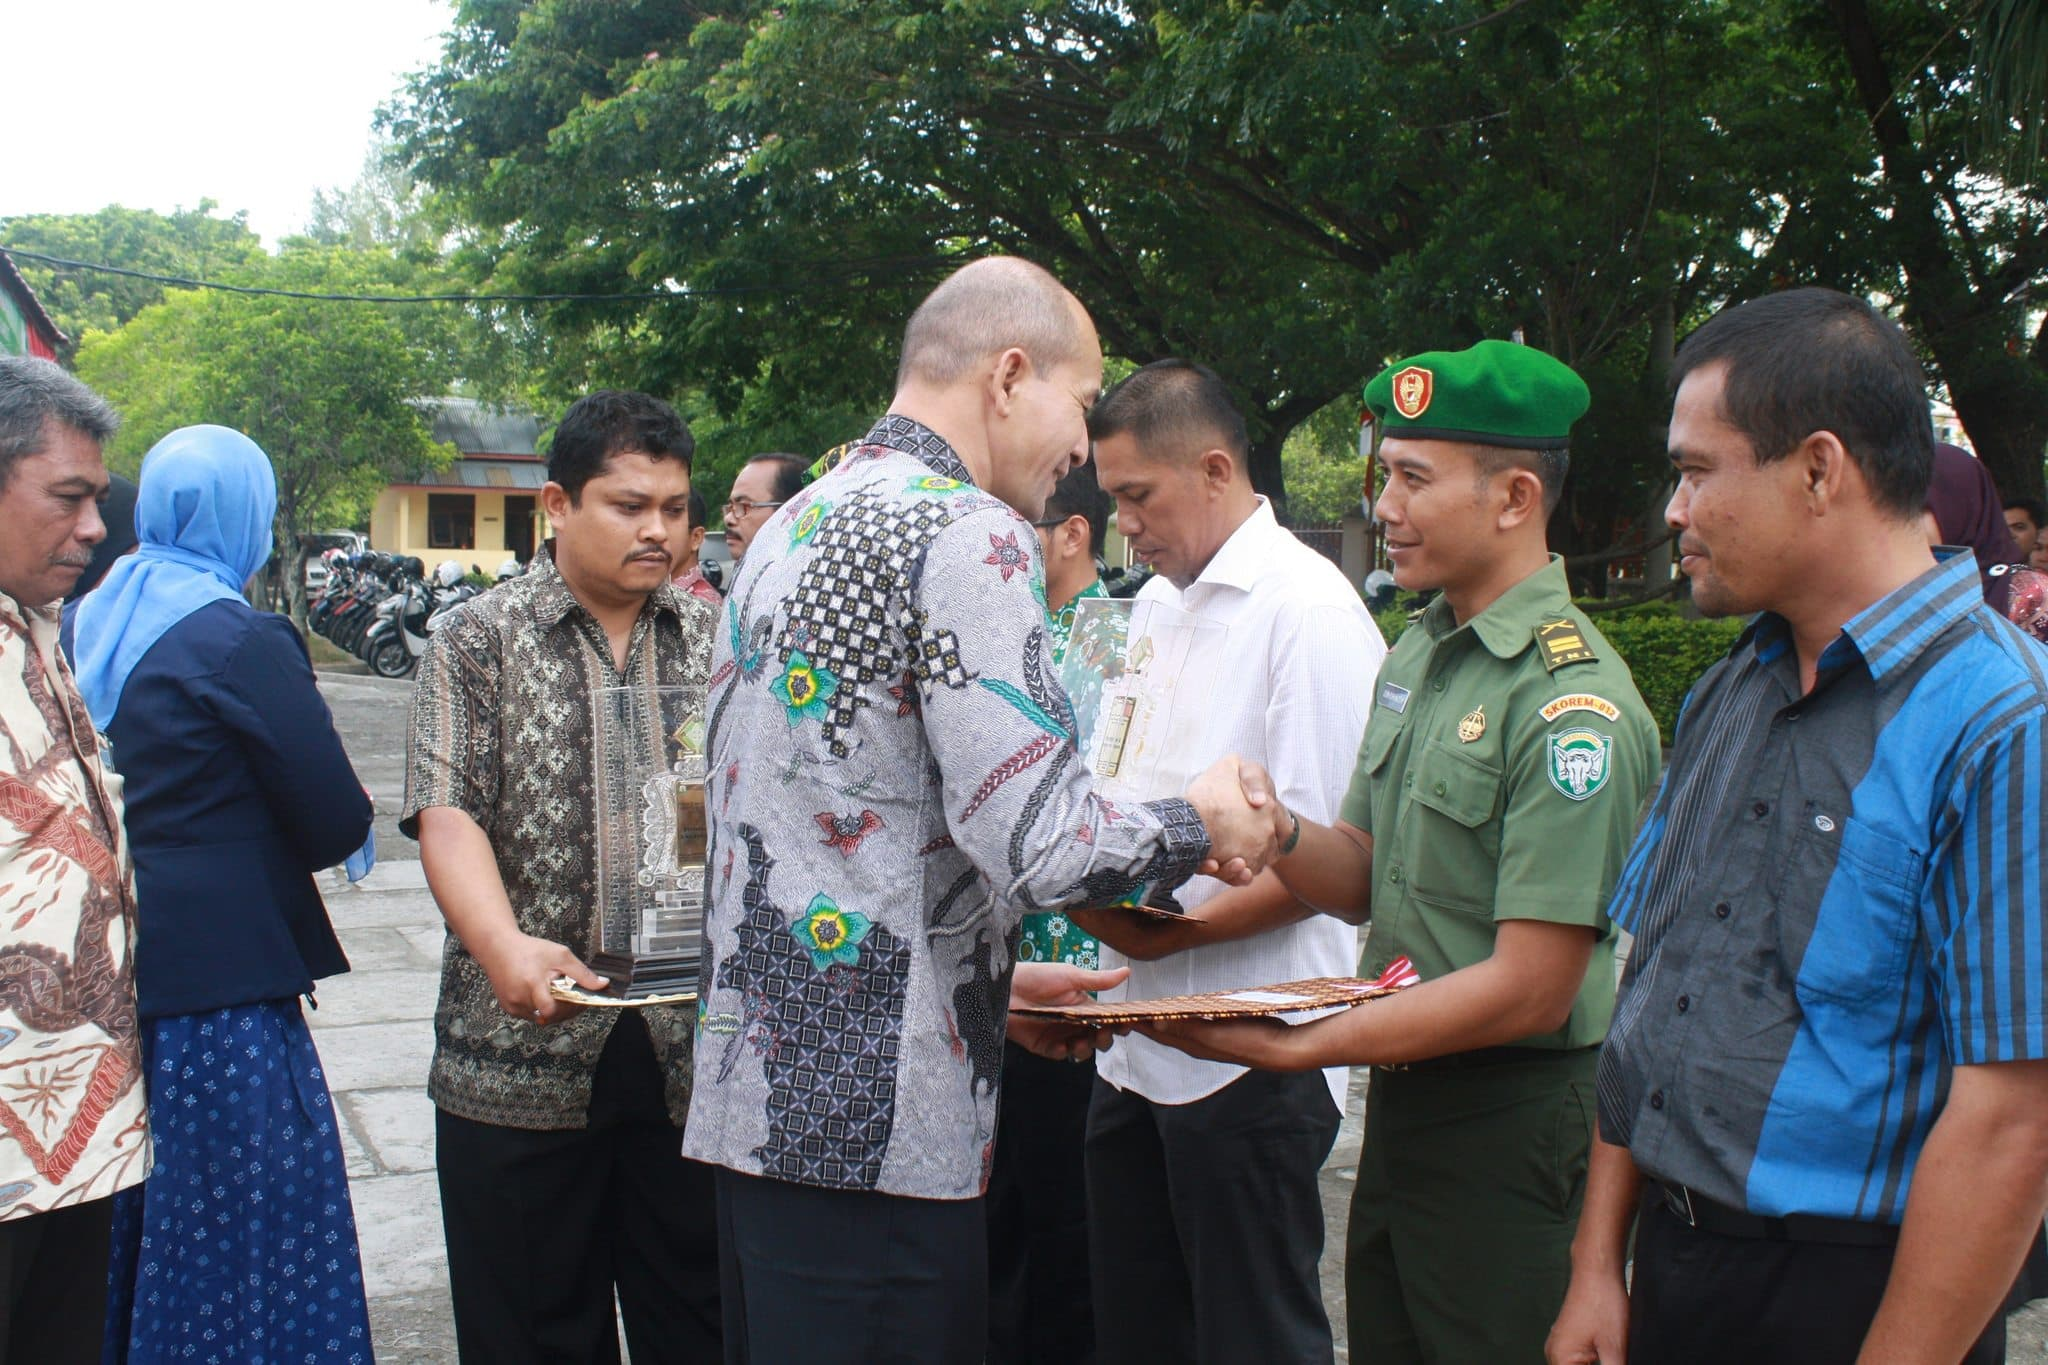 Koperasi Kartika TU Juara Ke-II Seprovinsi Aceh